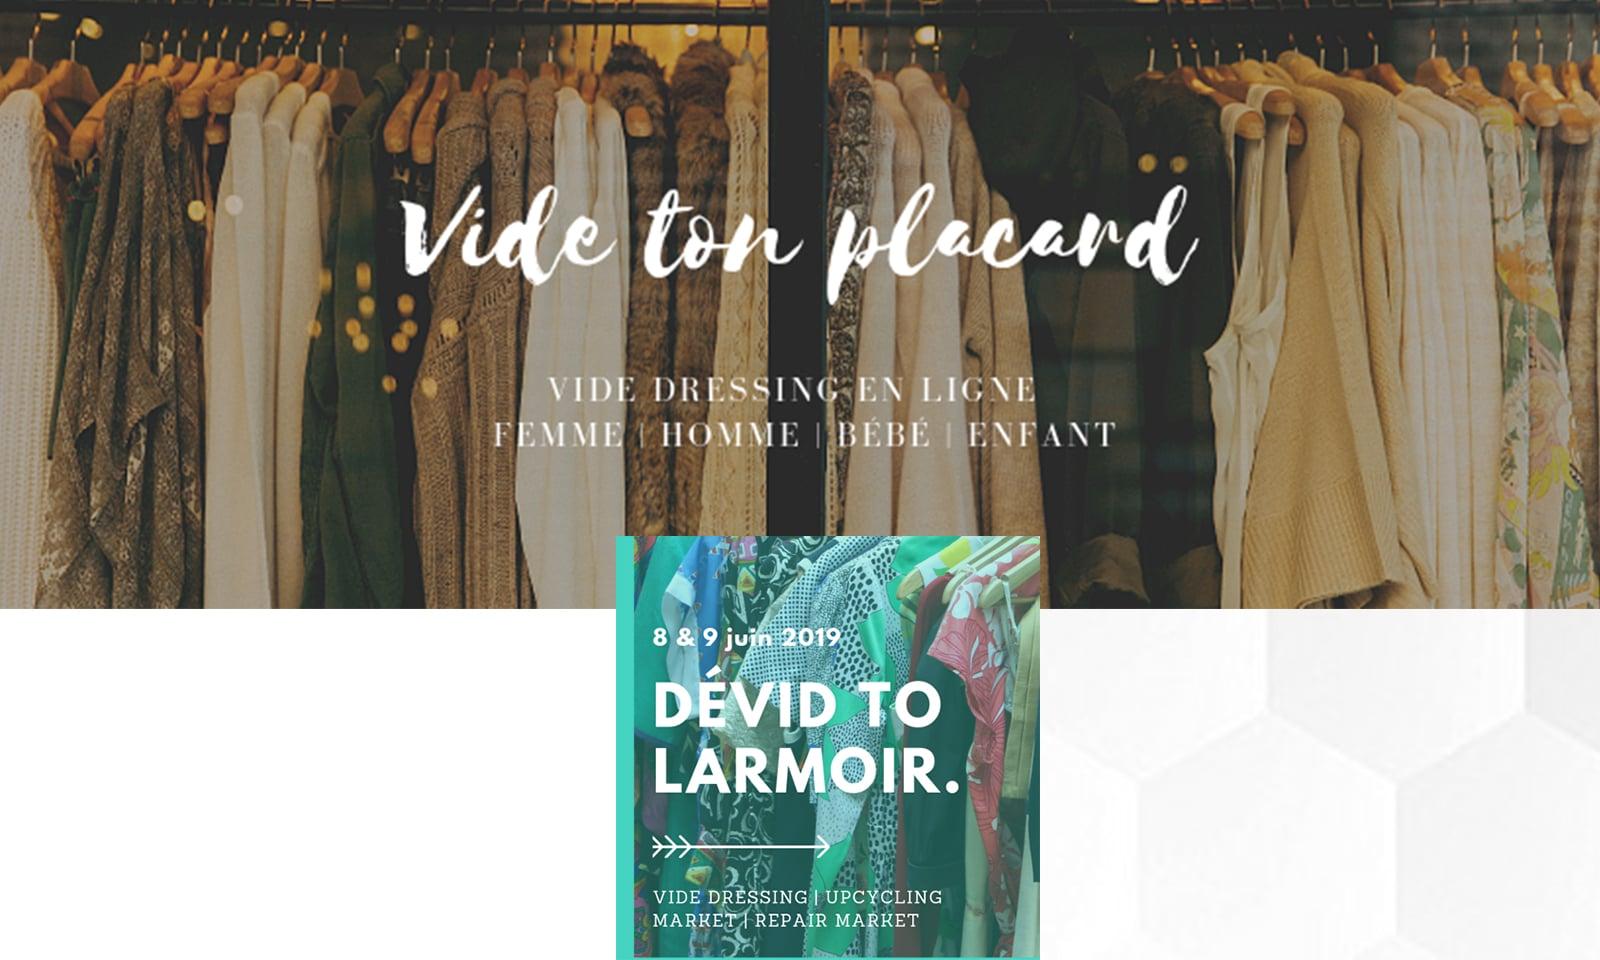 Videtonplacard.com : le premier vide dressing en ligne mauricien